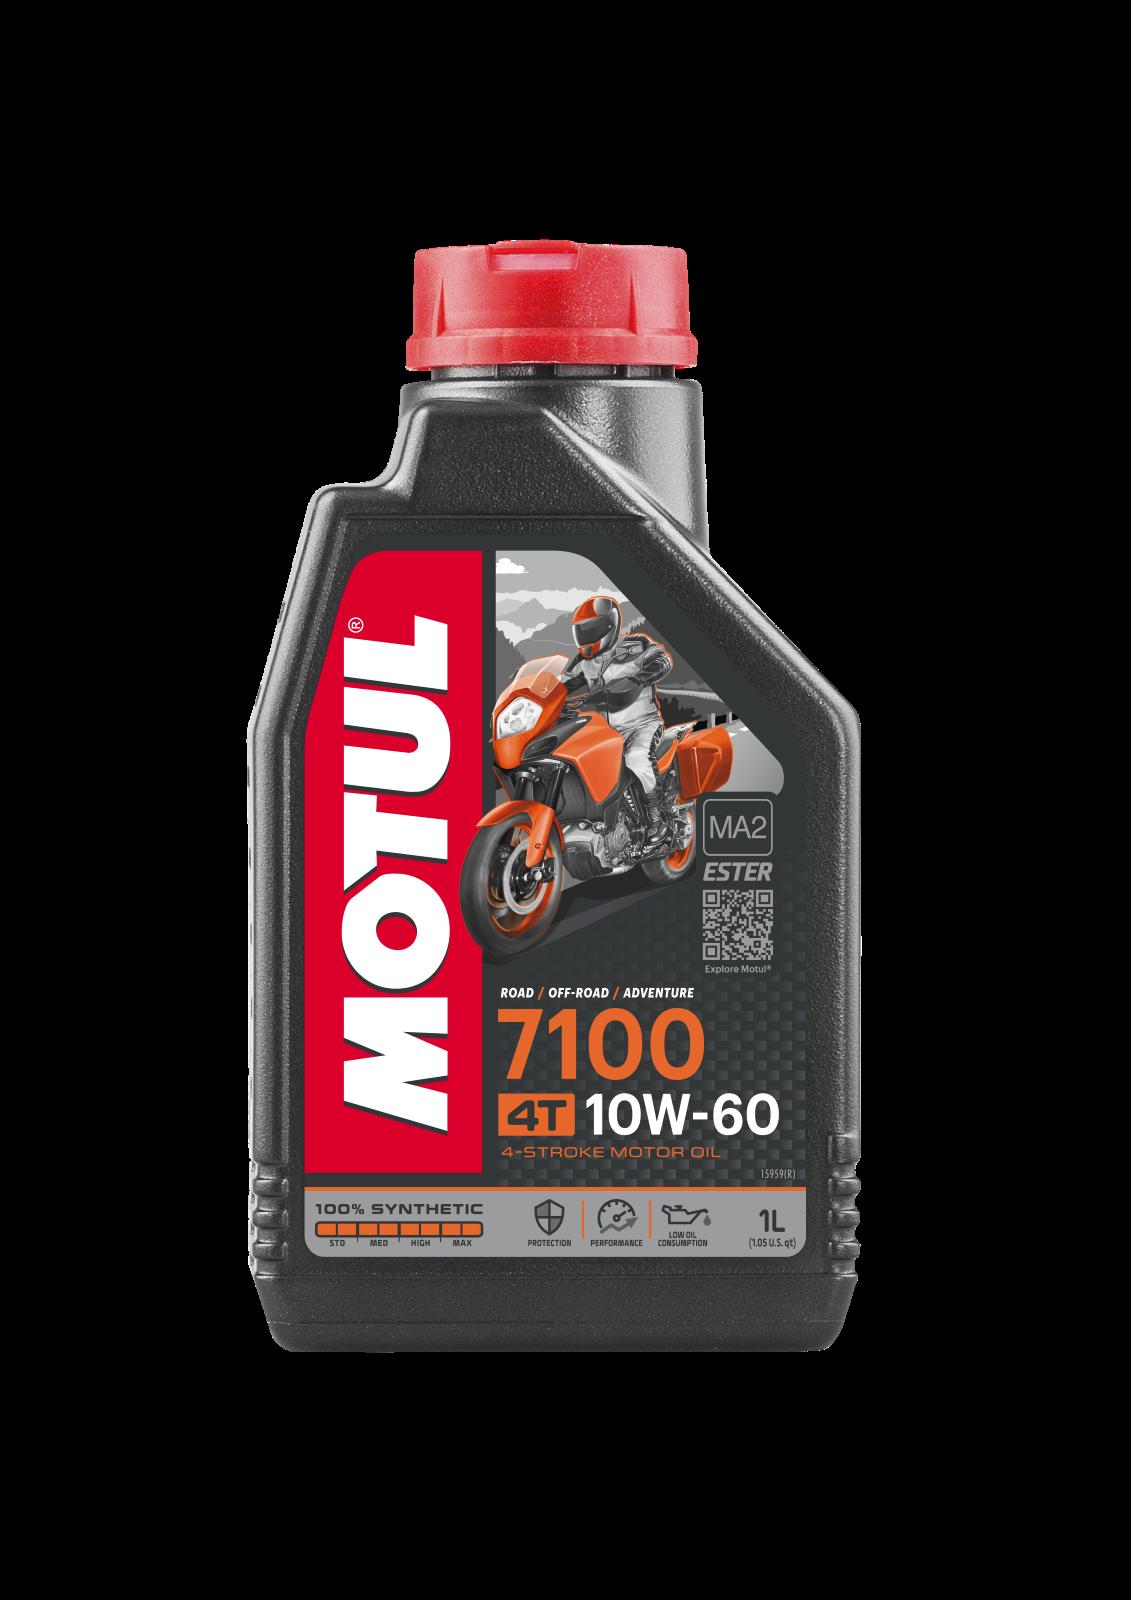 MOTUL AG MOTUL 7100 4T 10W-60 1L